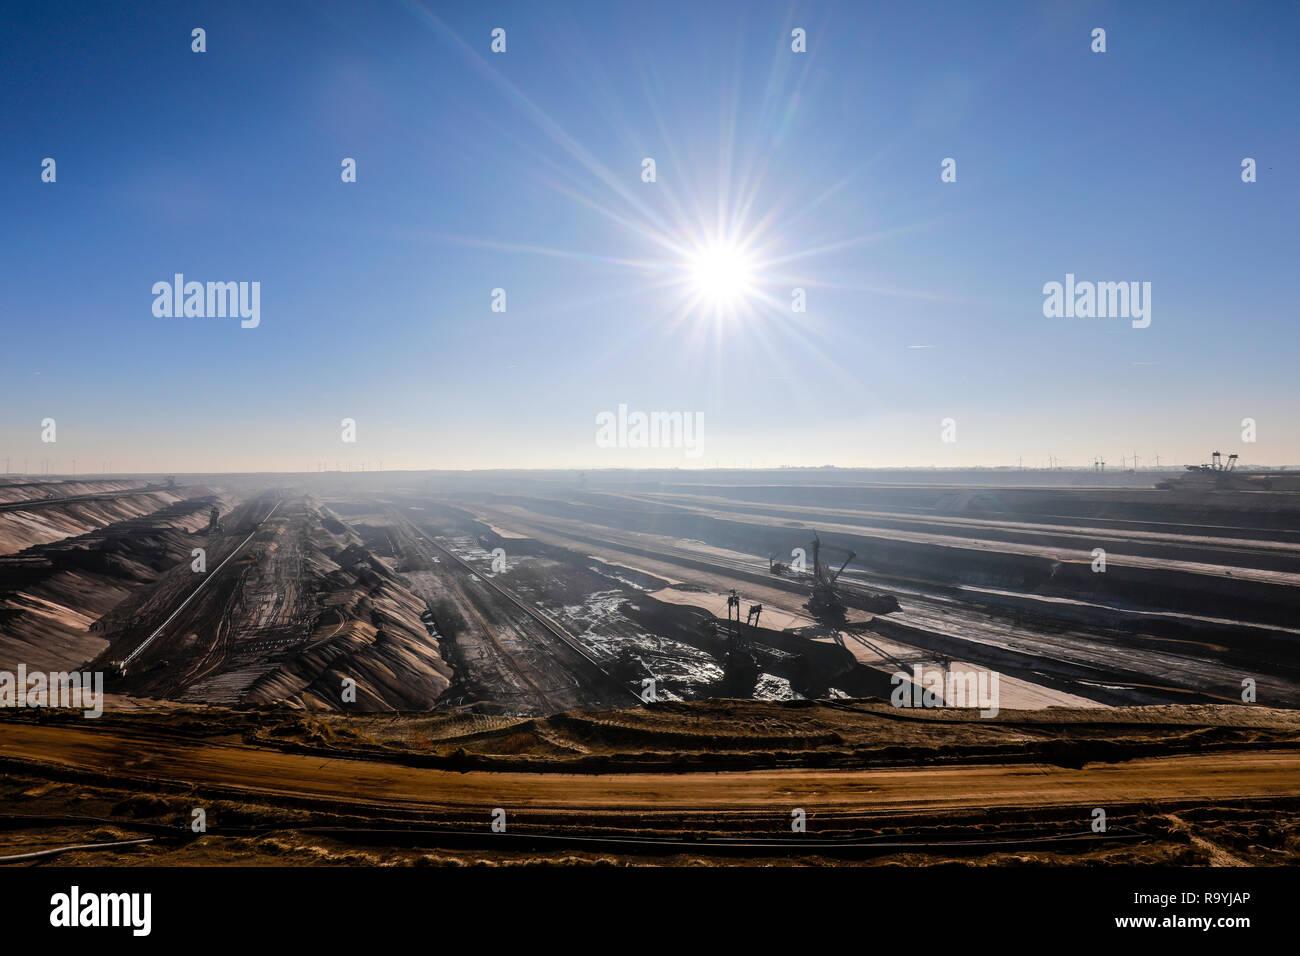 18.11.2018, Juechen, Nordrhein-Westfalen, Deutschland - RWE Braunkohletagebau Garzweiler. 00X181118D008CARO [MODEL RELEASE: NOT APPLICABLE, PROPERTY R - Stock Image